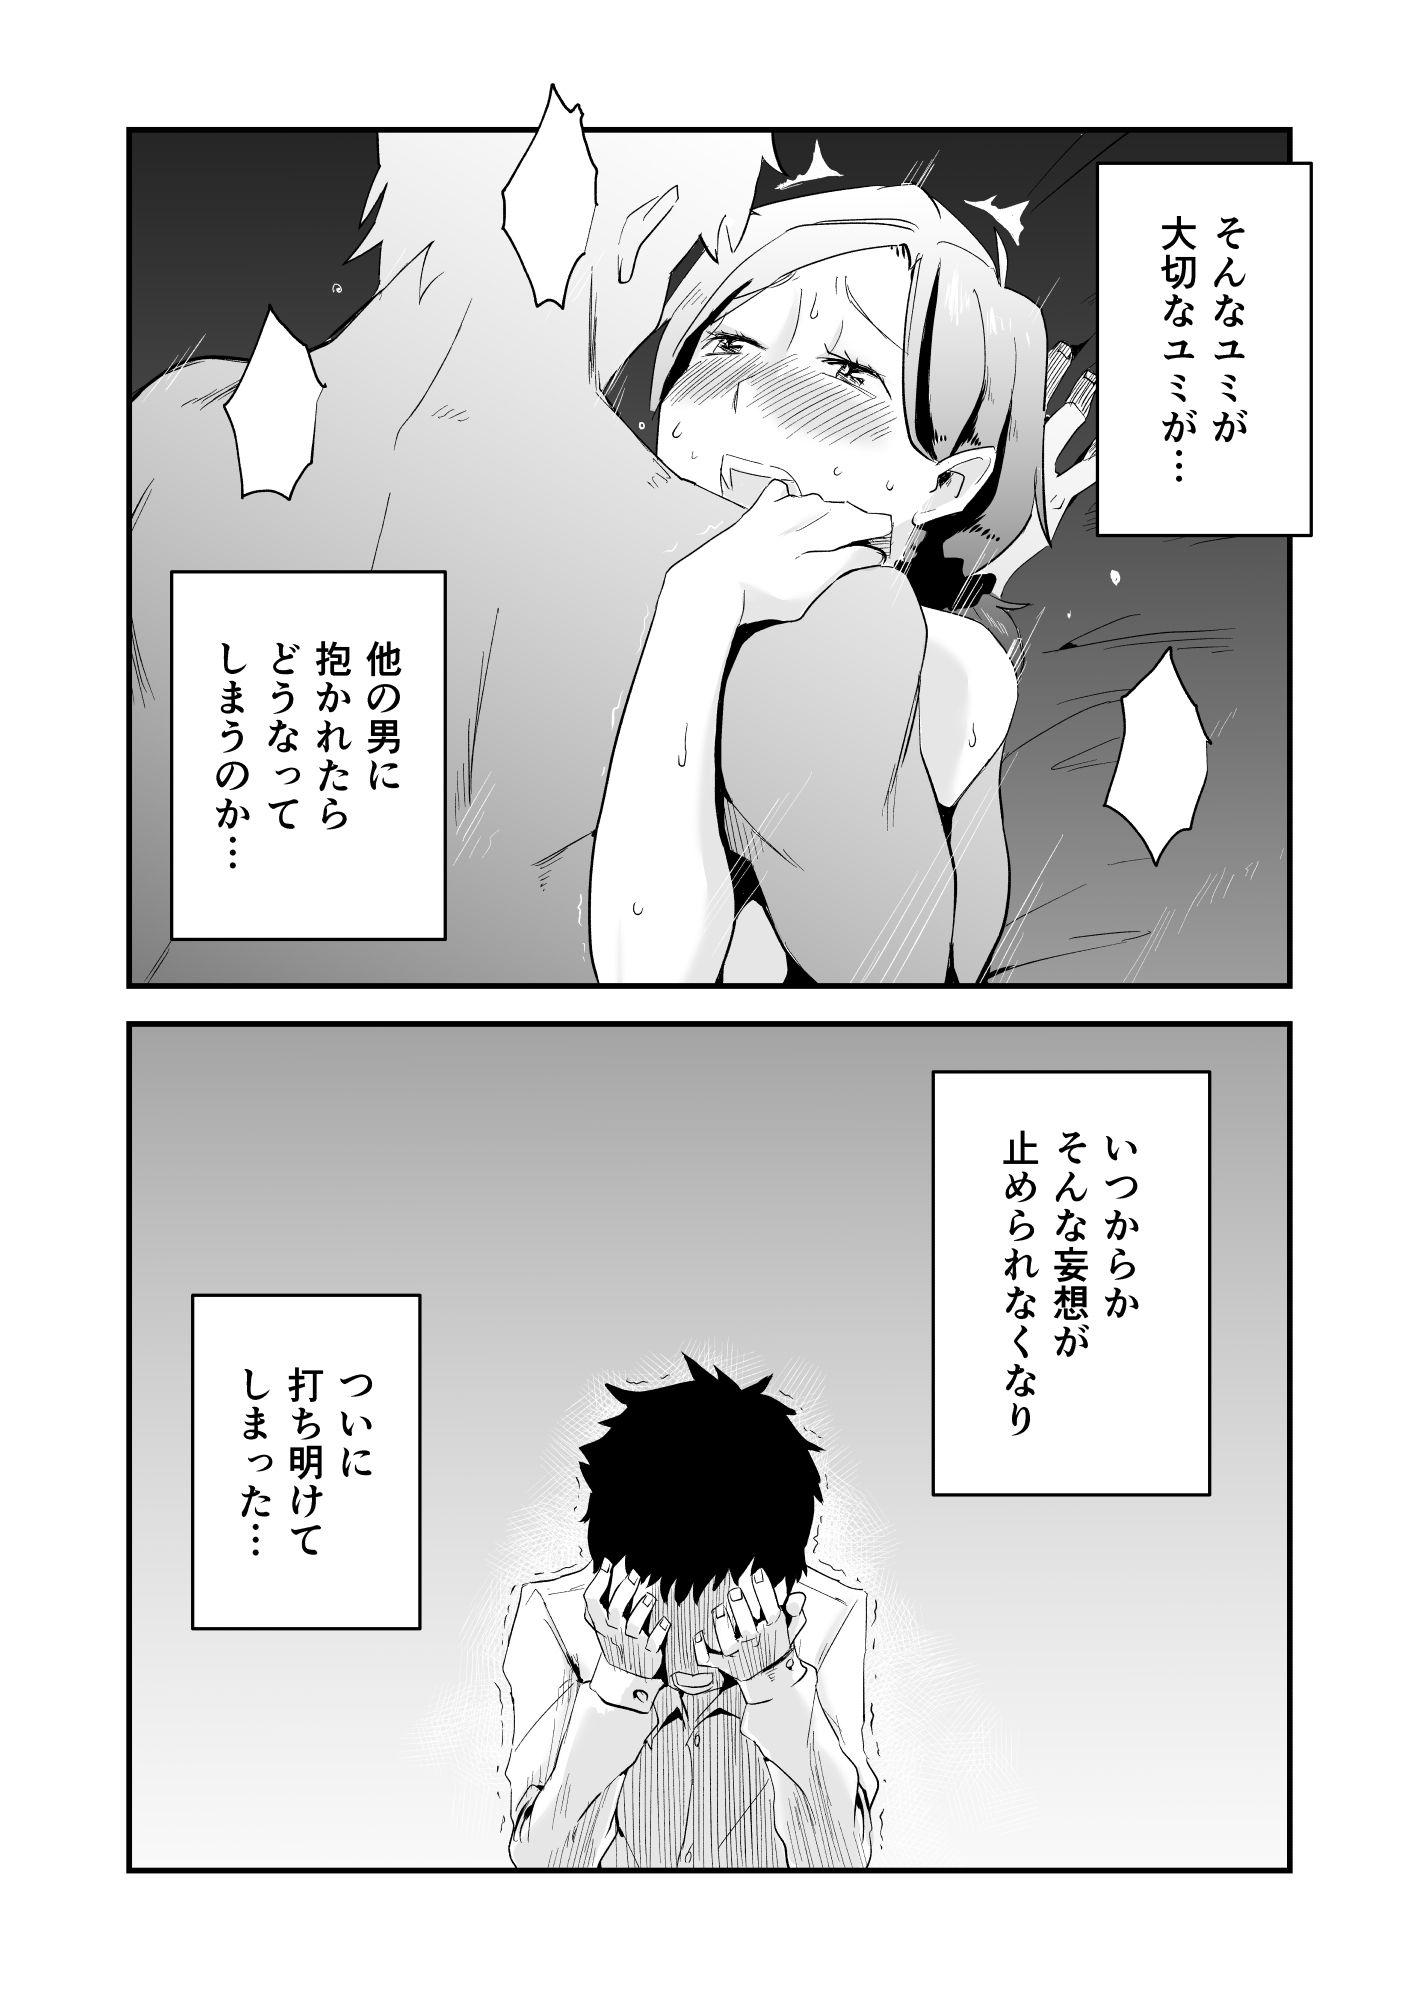 あなたの望み vol.1 〜メール編〜のサンプル画像1